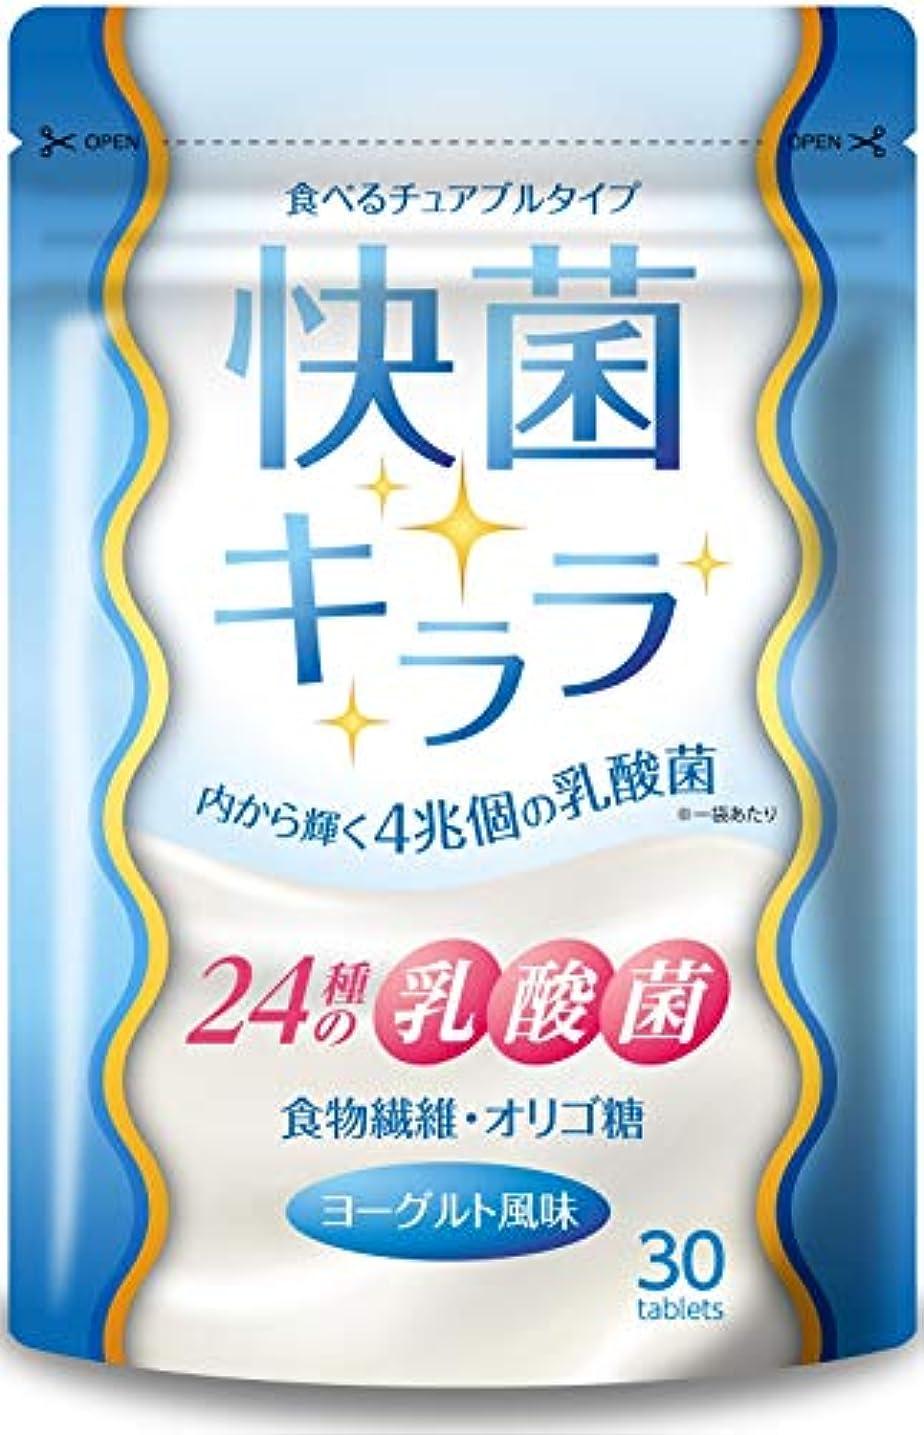 手錠複雑な吐く乳酸菌 ビフィズス菌 タブレット 4兆個の菌 快菌キララ イヌリン オリゴ糖 サプリメント 30日分